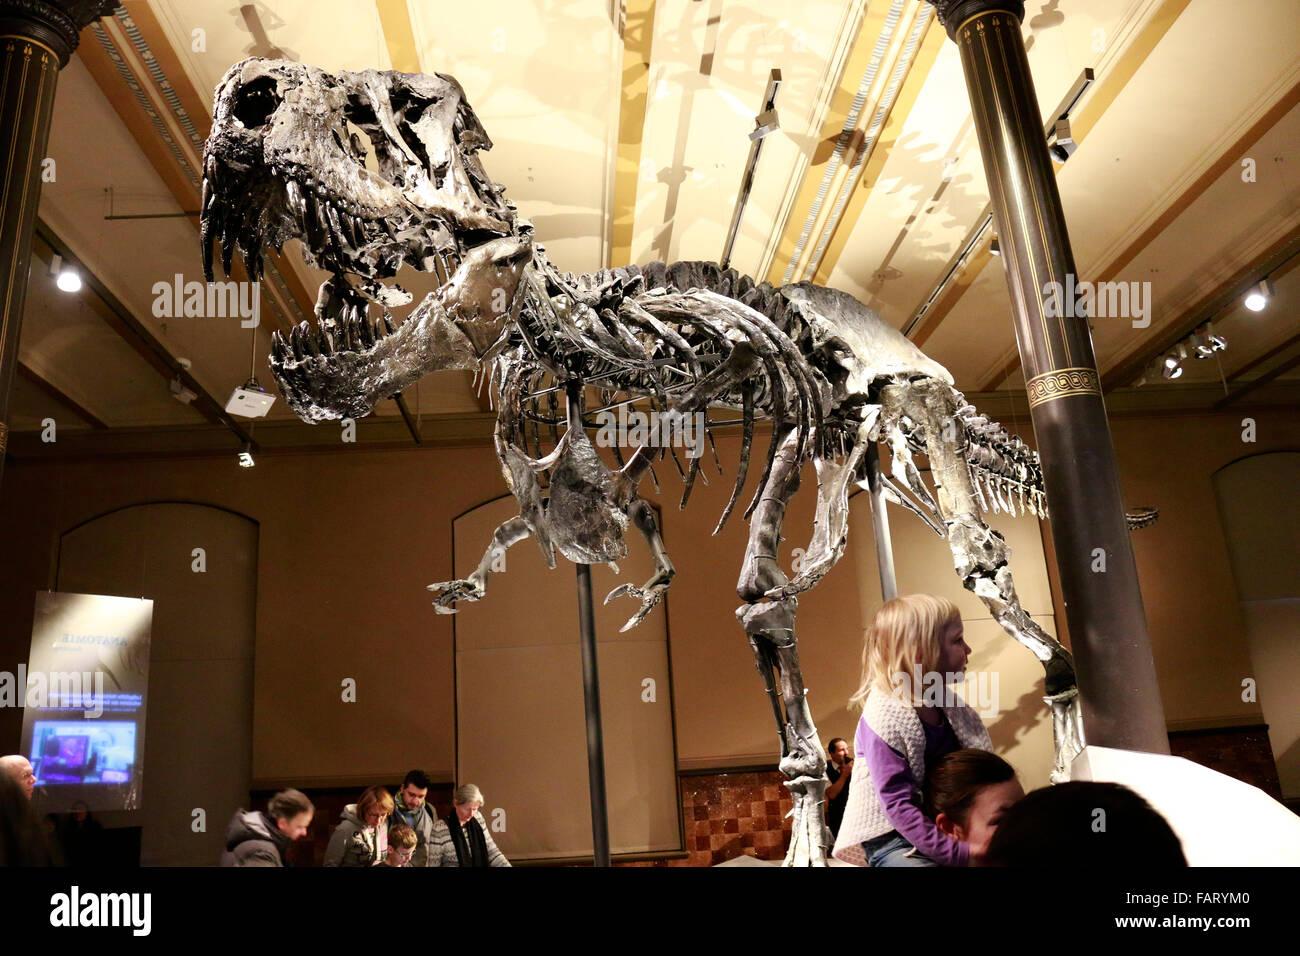 das Skelett des Tyrannus Saurus Rex 'Tristan Otto', Naturhistorisches Museum, Berlin. - Stock Image